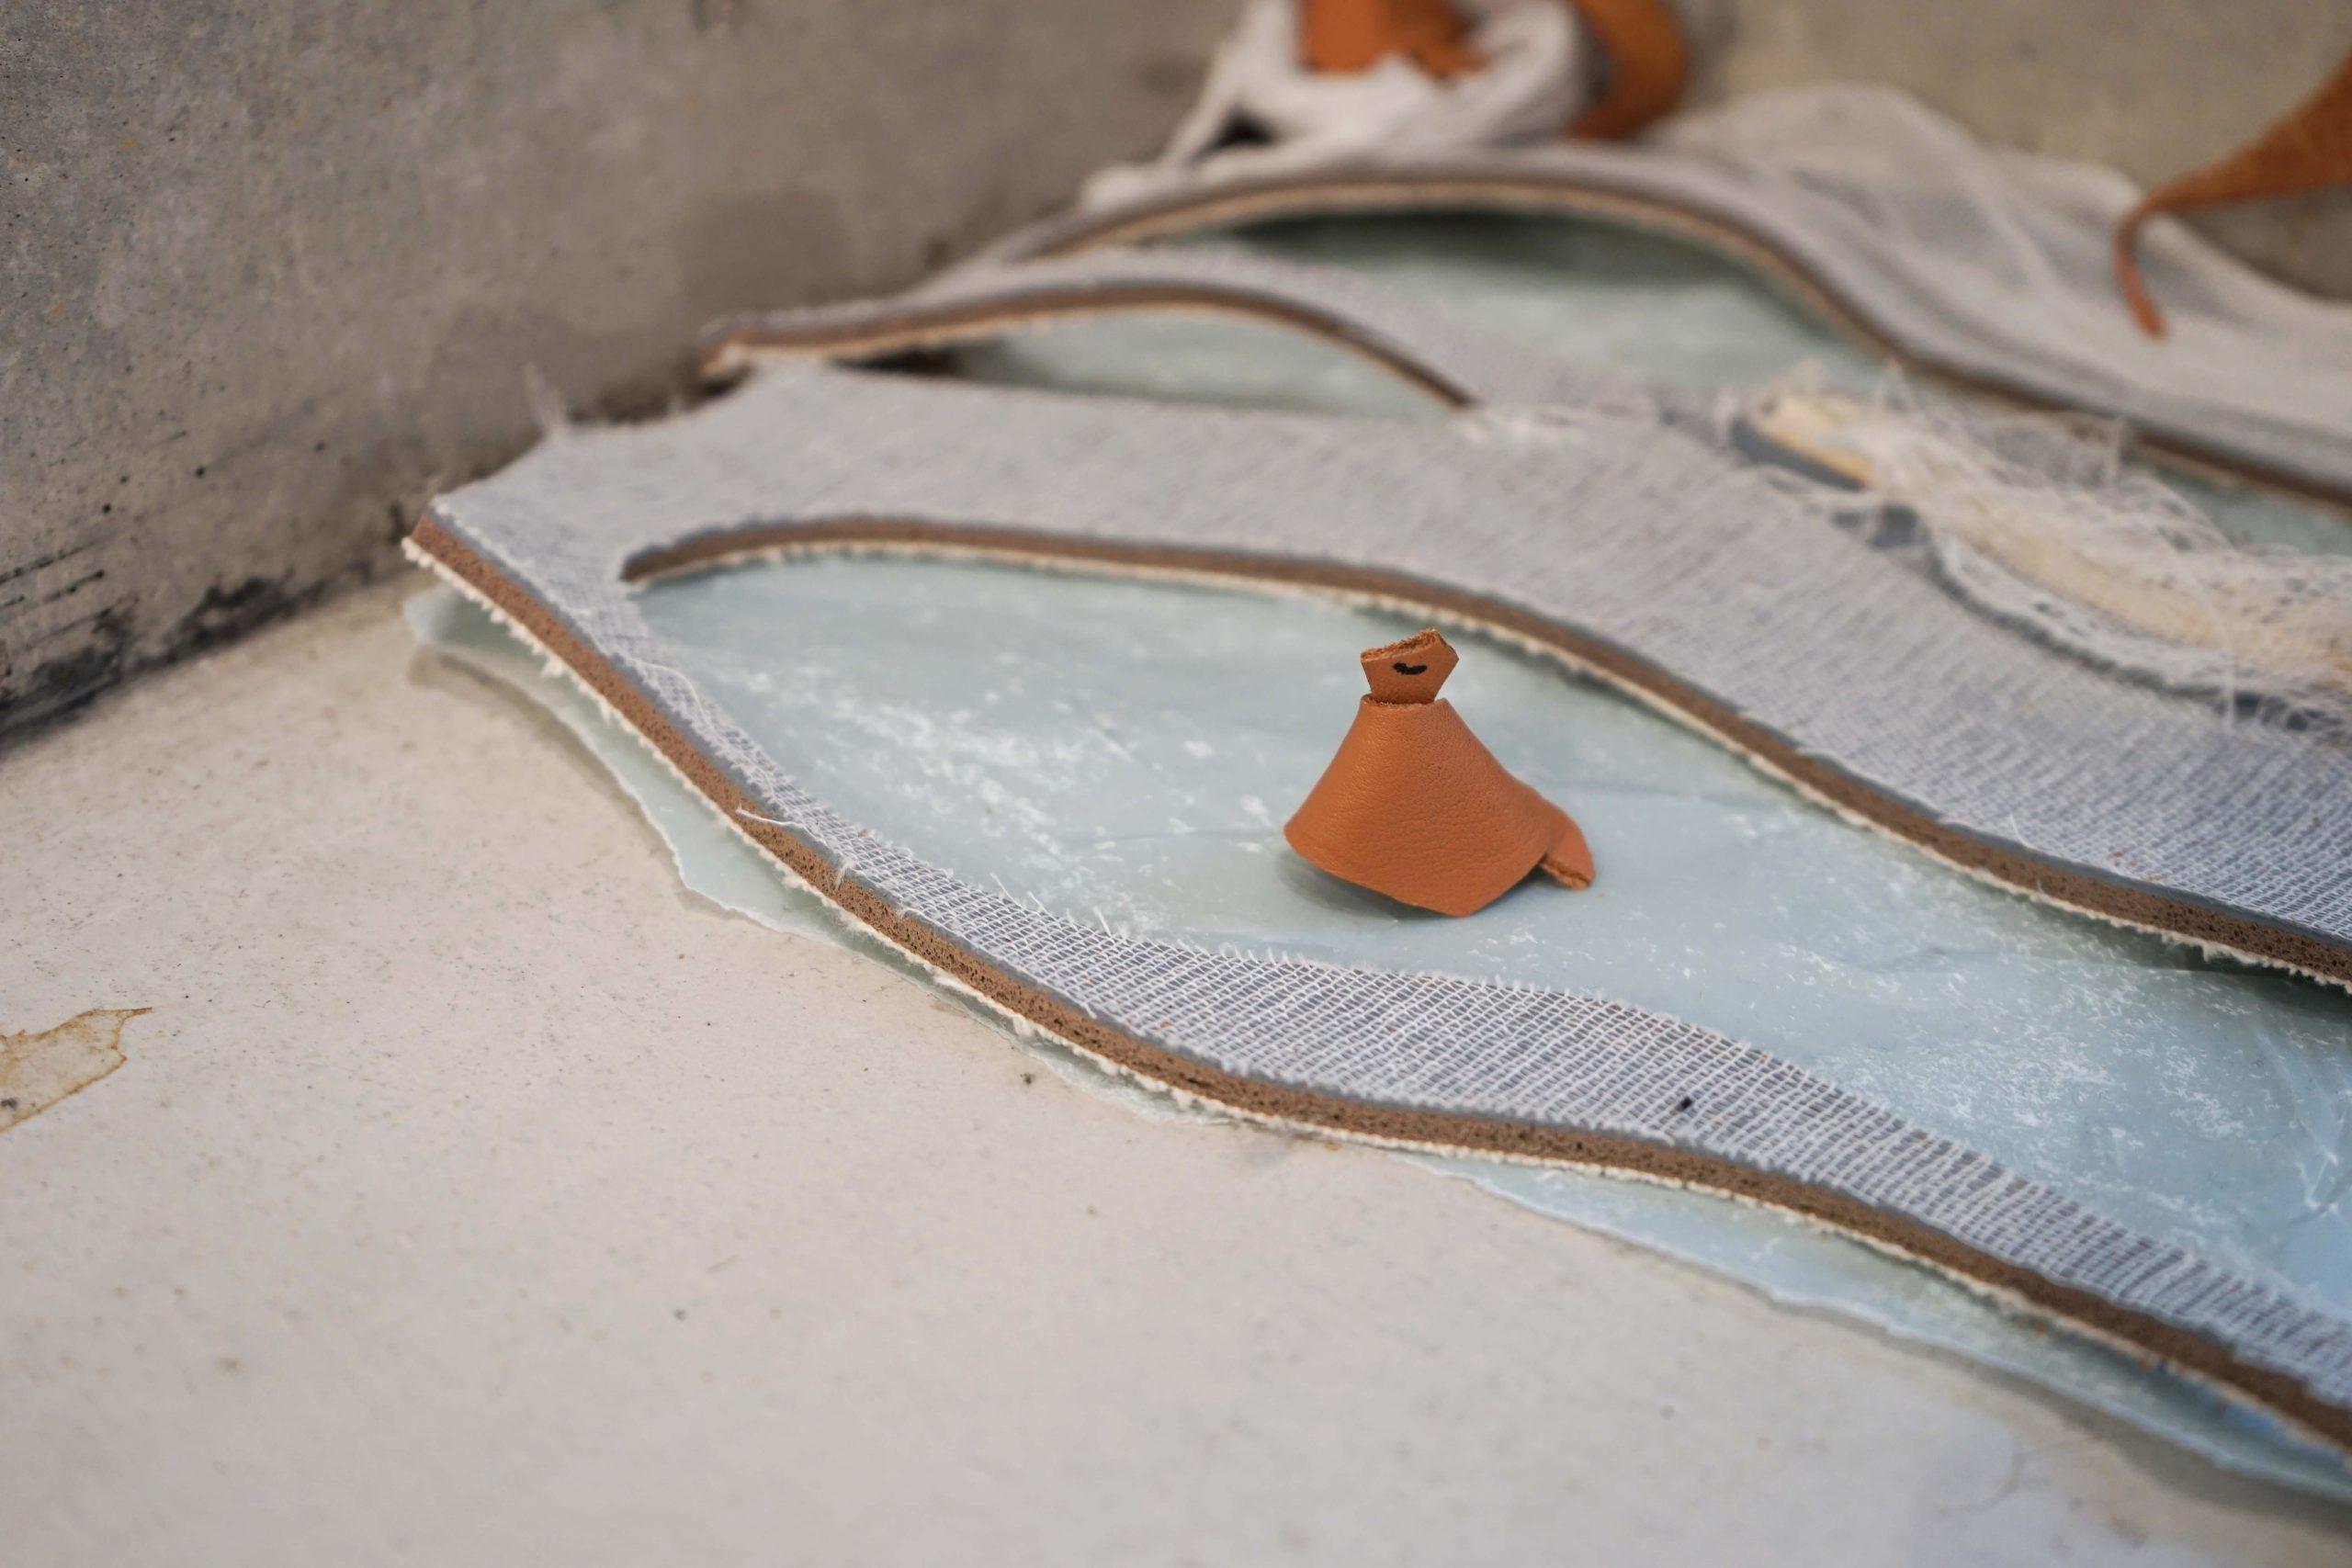 革の端材でつくられた「かわいい鳥」